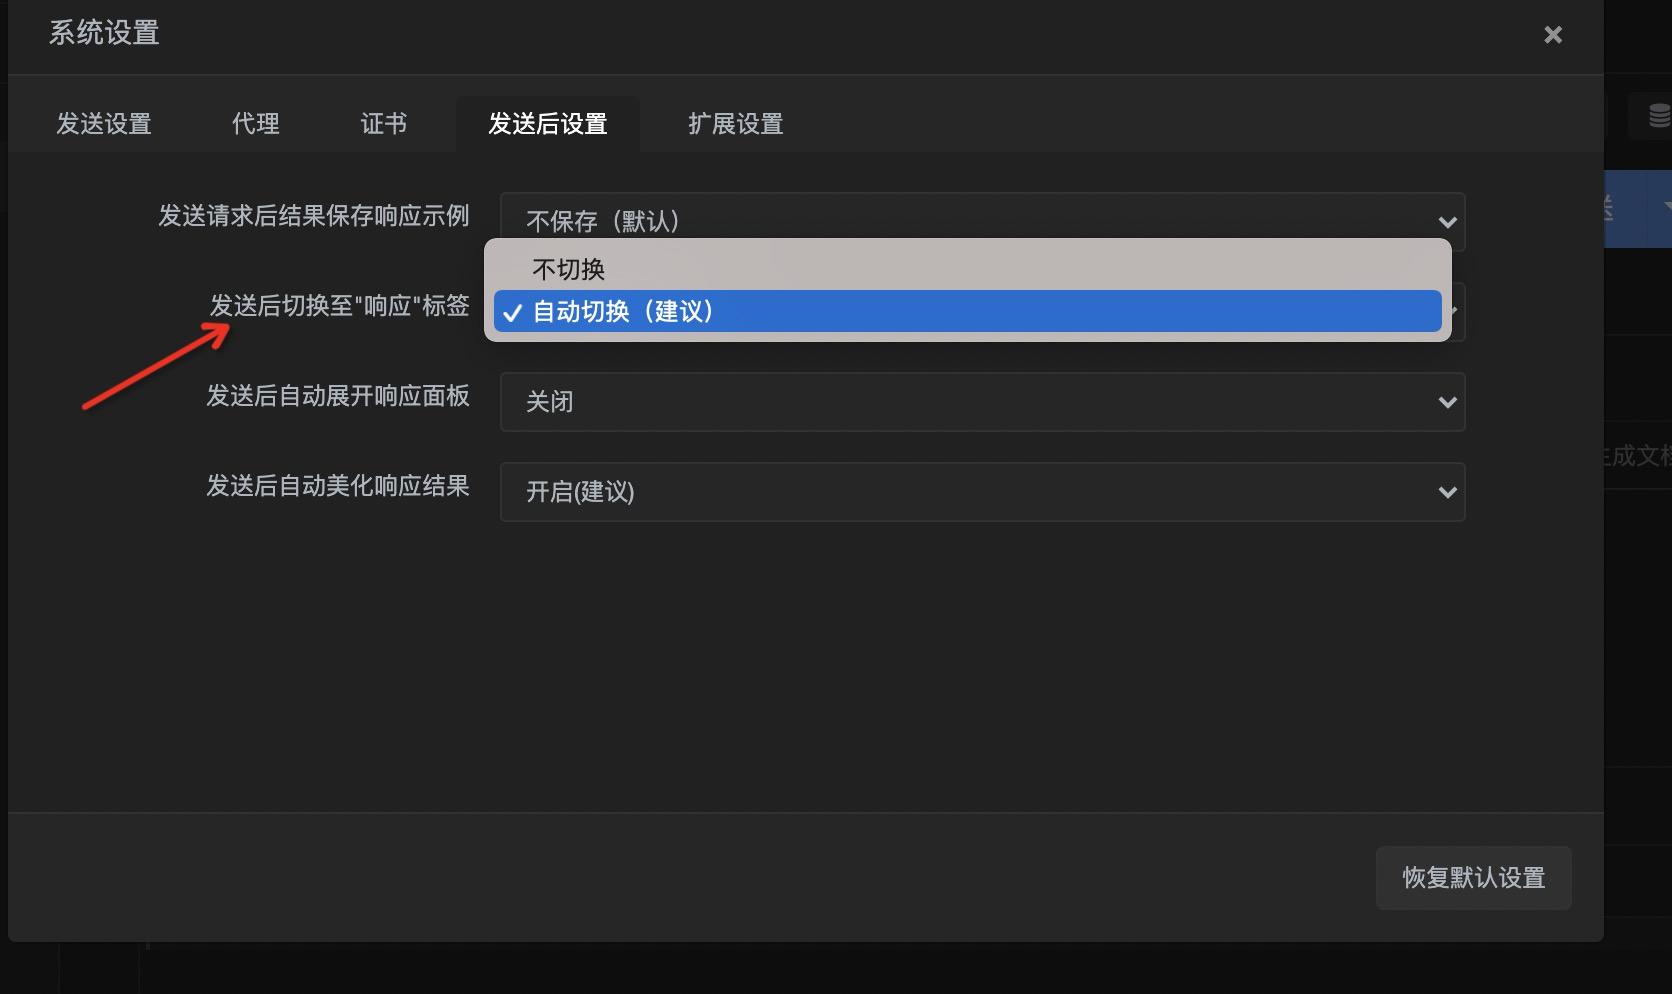 能不能做个优化,接口点击发送请求的时候,默认跳转到【实时响应】那个页面。默认是保留在上次填写的【成功响应示例及参数描述】这个选项卡上面。